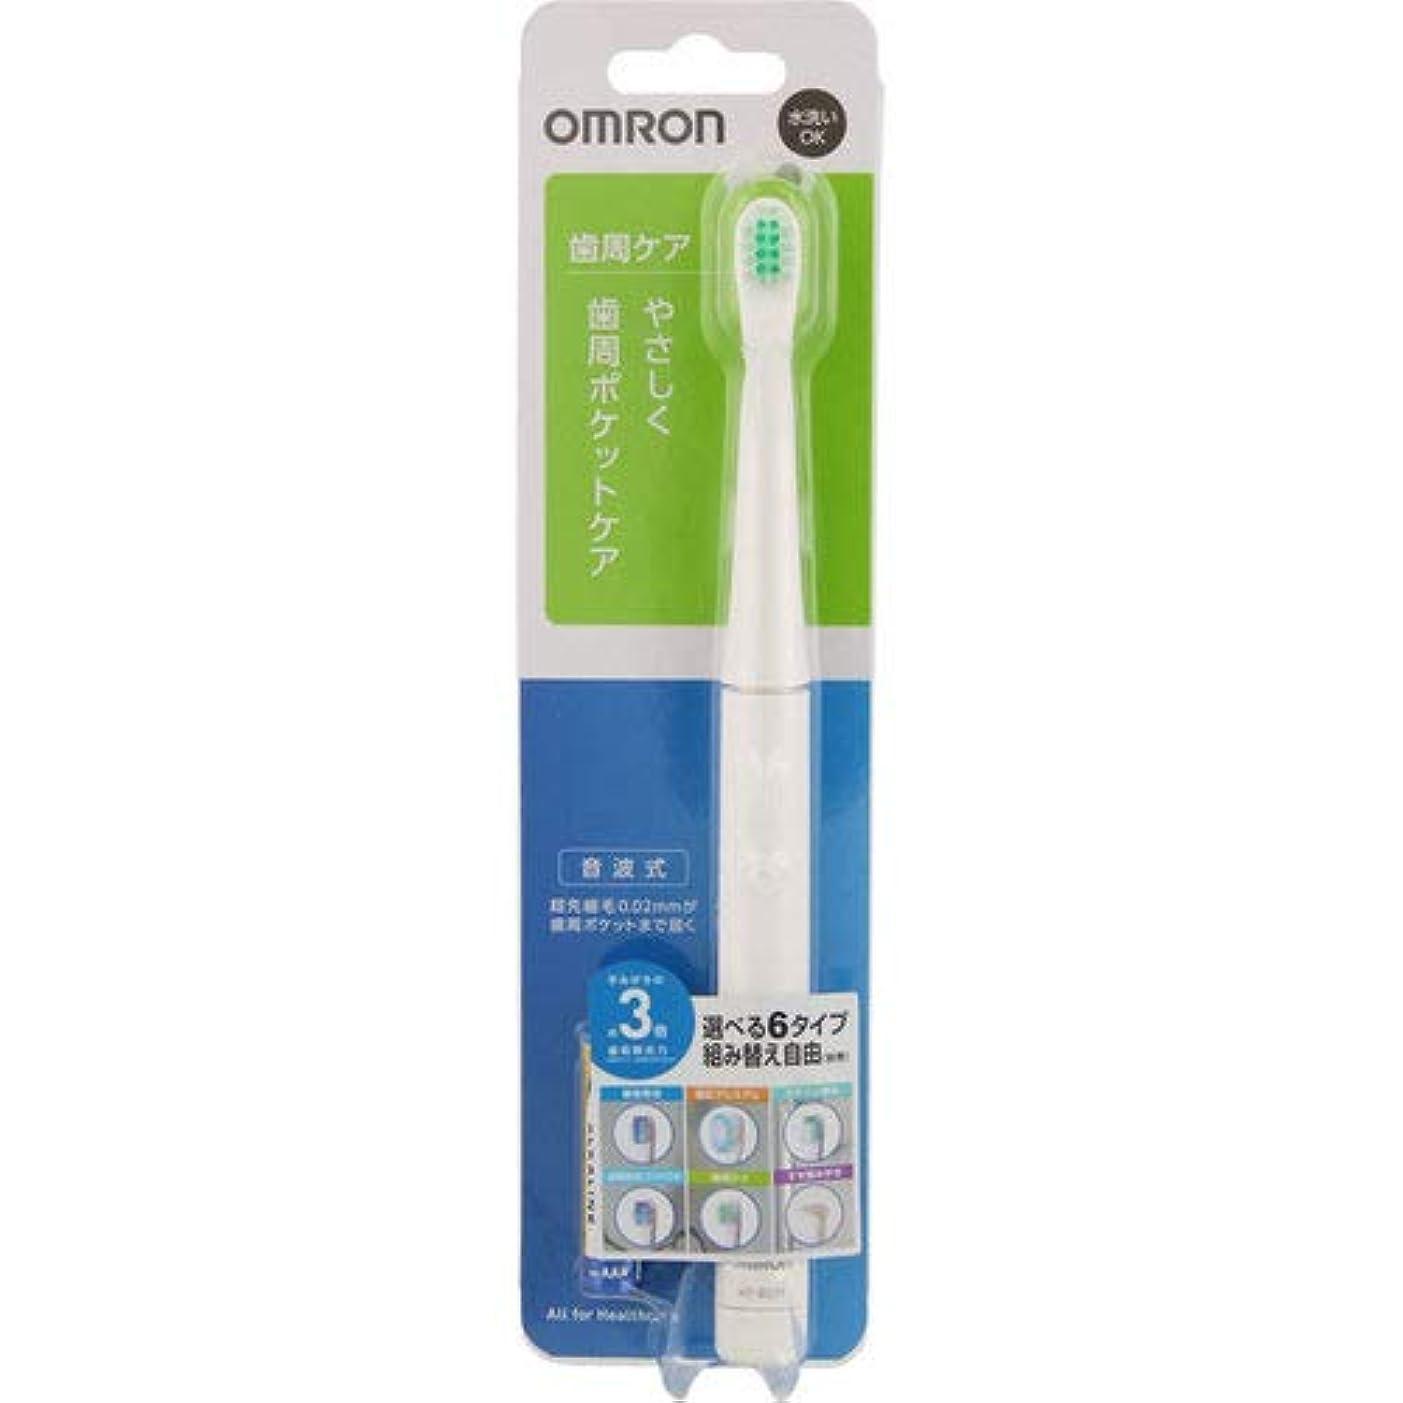 資産資産監督するオムロン 電動歯ブラシ HT-B221-W ホワイト 電池式